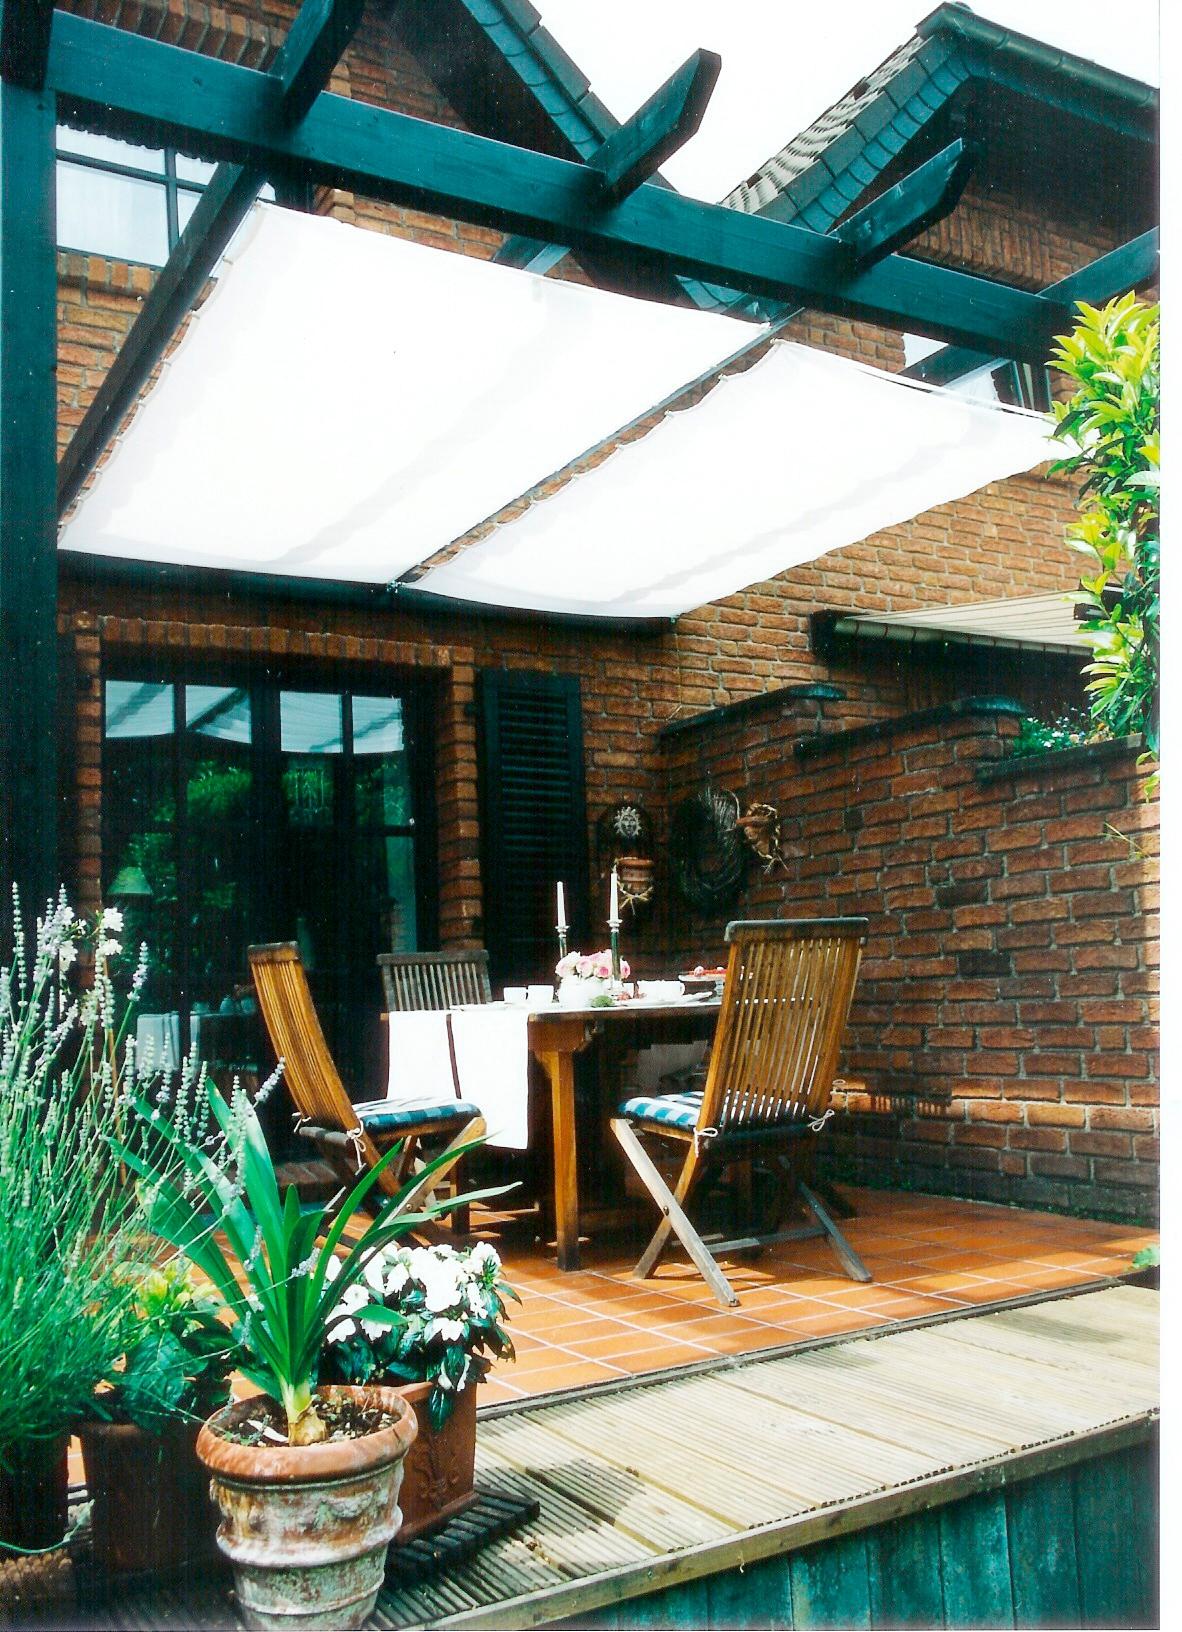 FLORACORD Sonnensegel »Innenbeschattung«, mit Seilspann-Set, BxL: 330x200 cm, 1 Bahn | Garten > Sonnenschirme und Markisen > Sonnensegel | Floracord